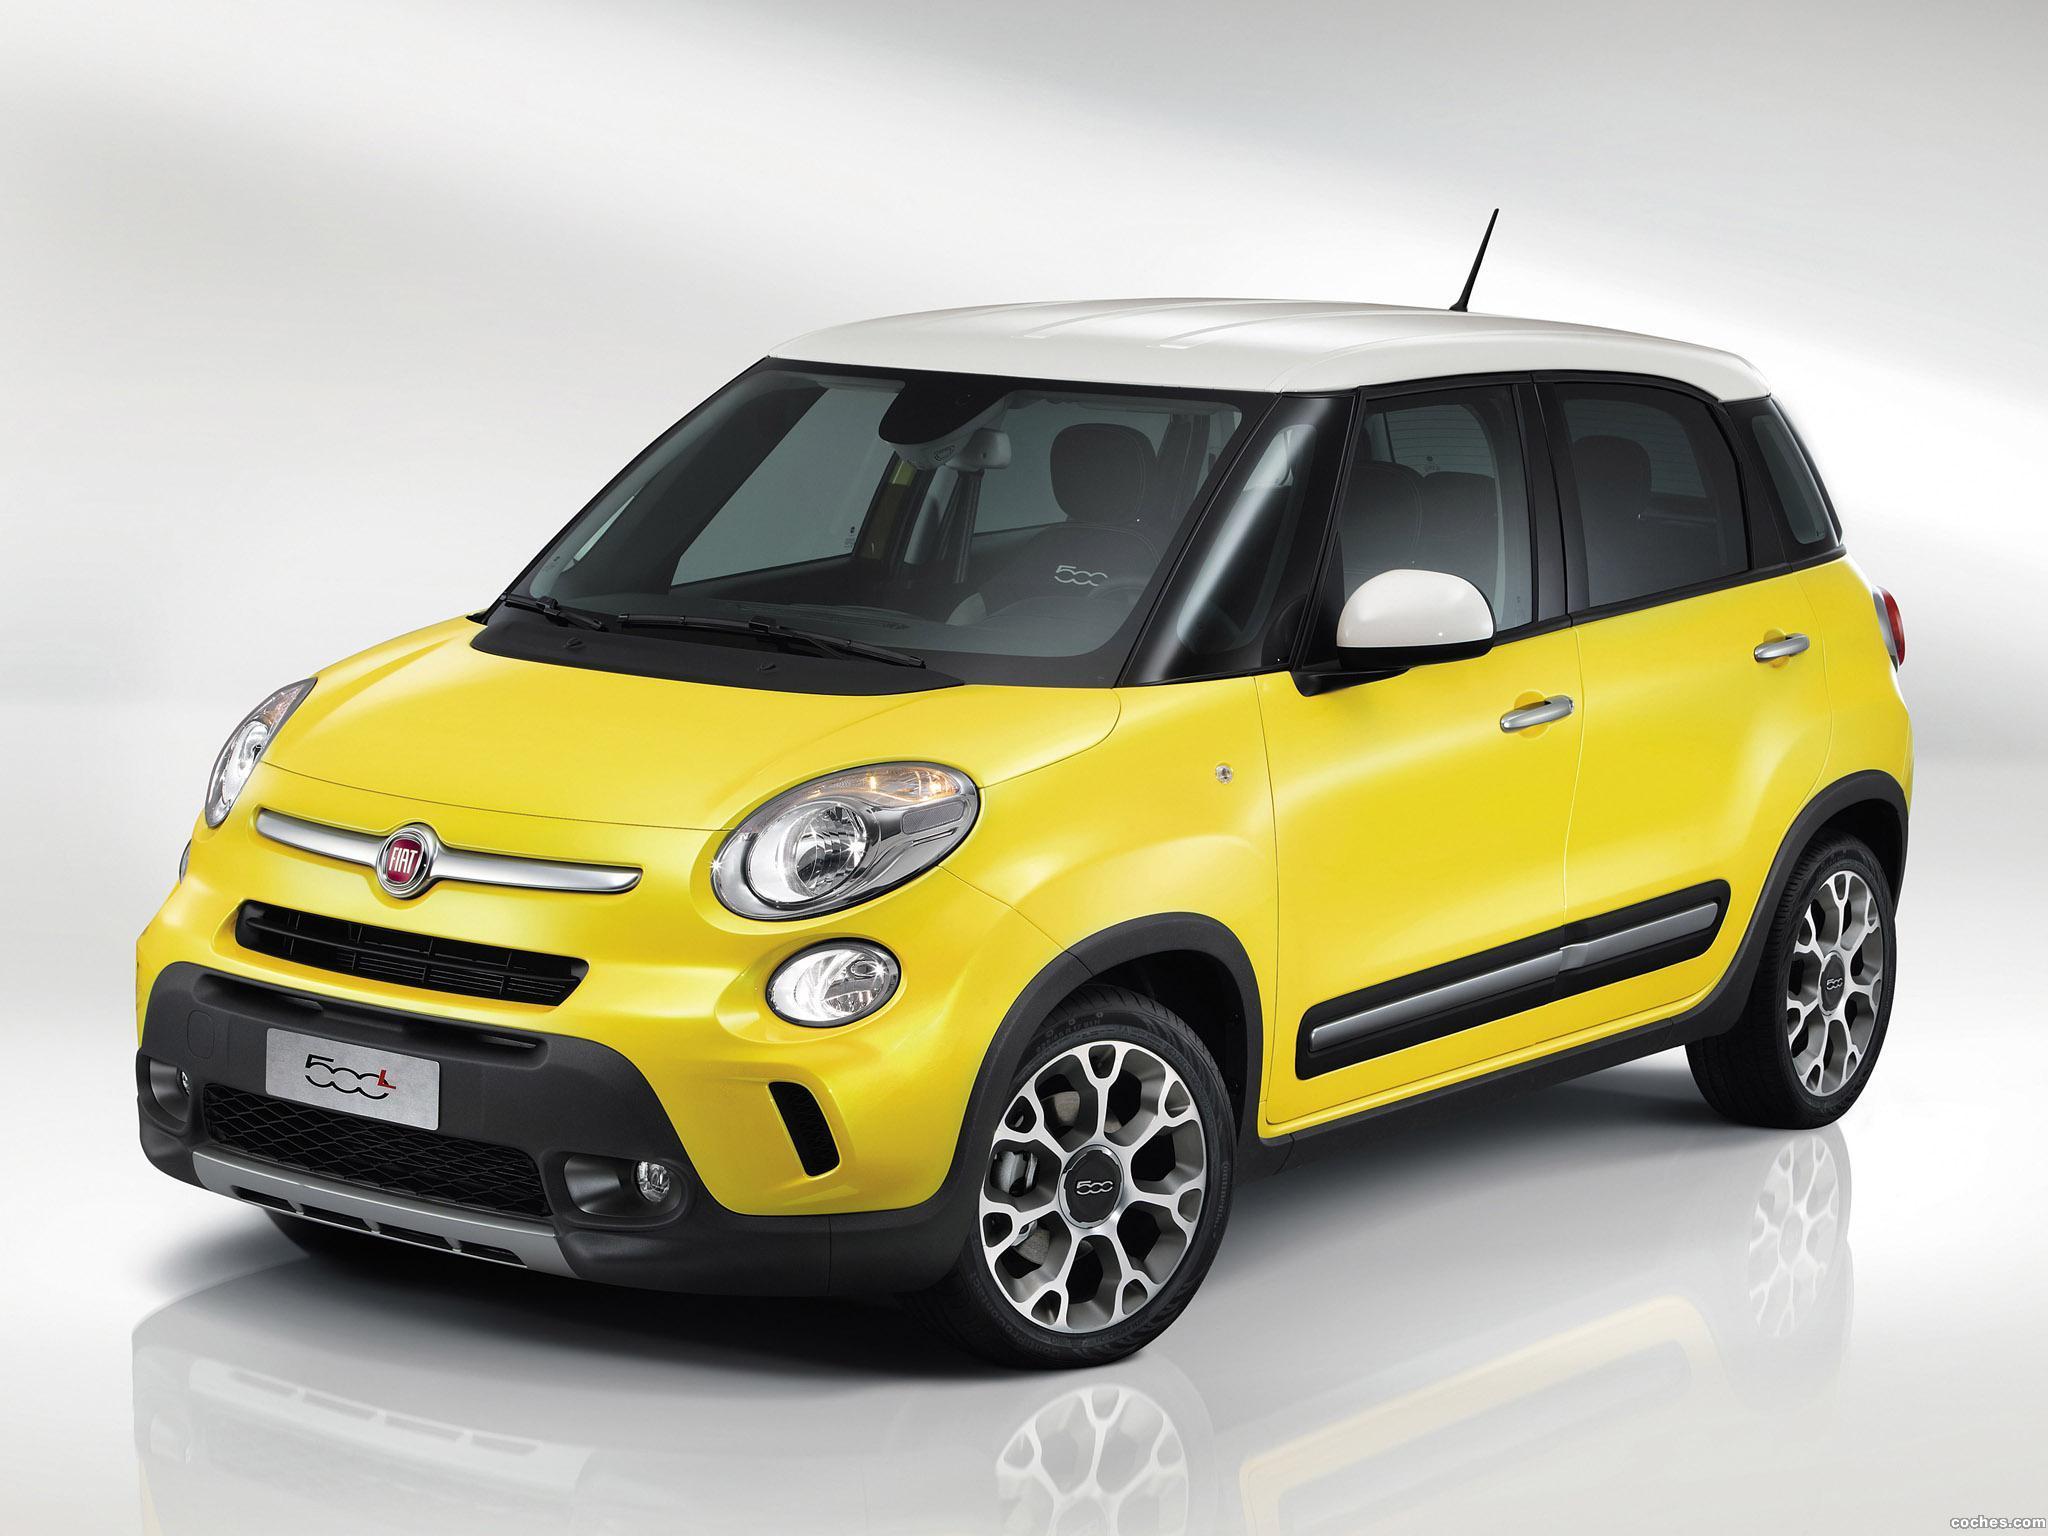 Ver ofertas de Fiat 500l nuevos Ver Fiat 500l de segunda manoFiat 500l Trekking